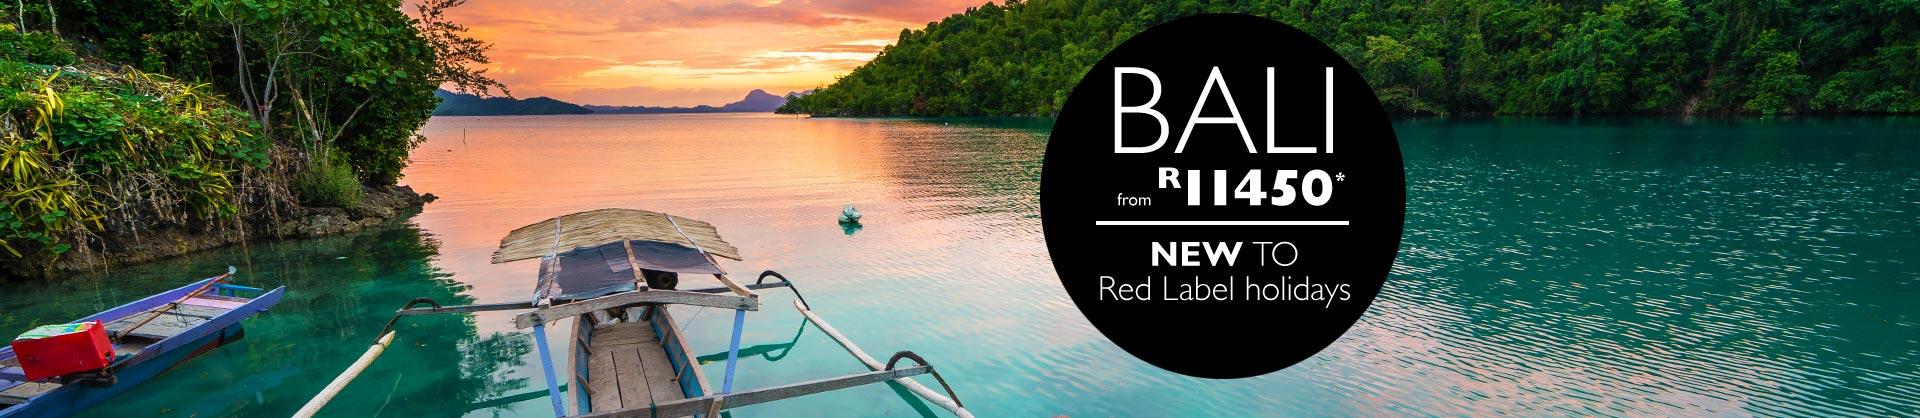 Bali Holiday Cheap